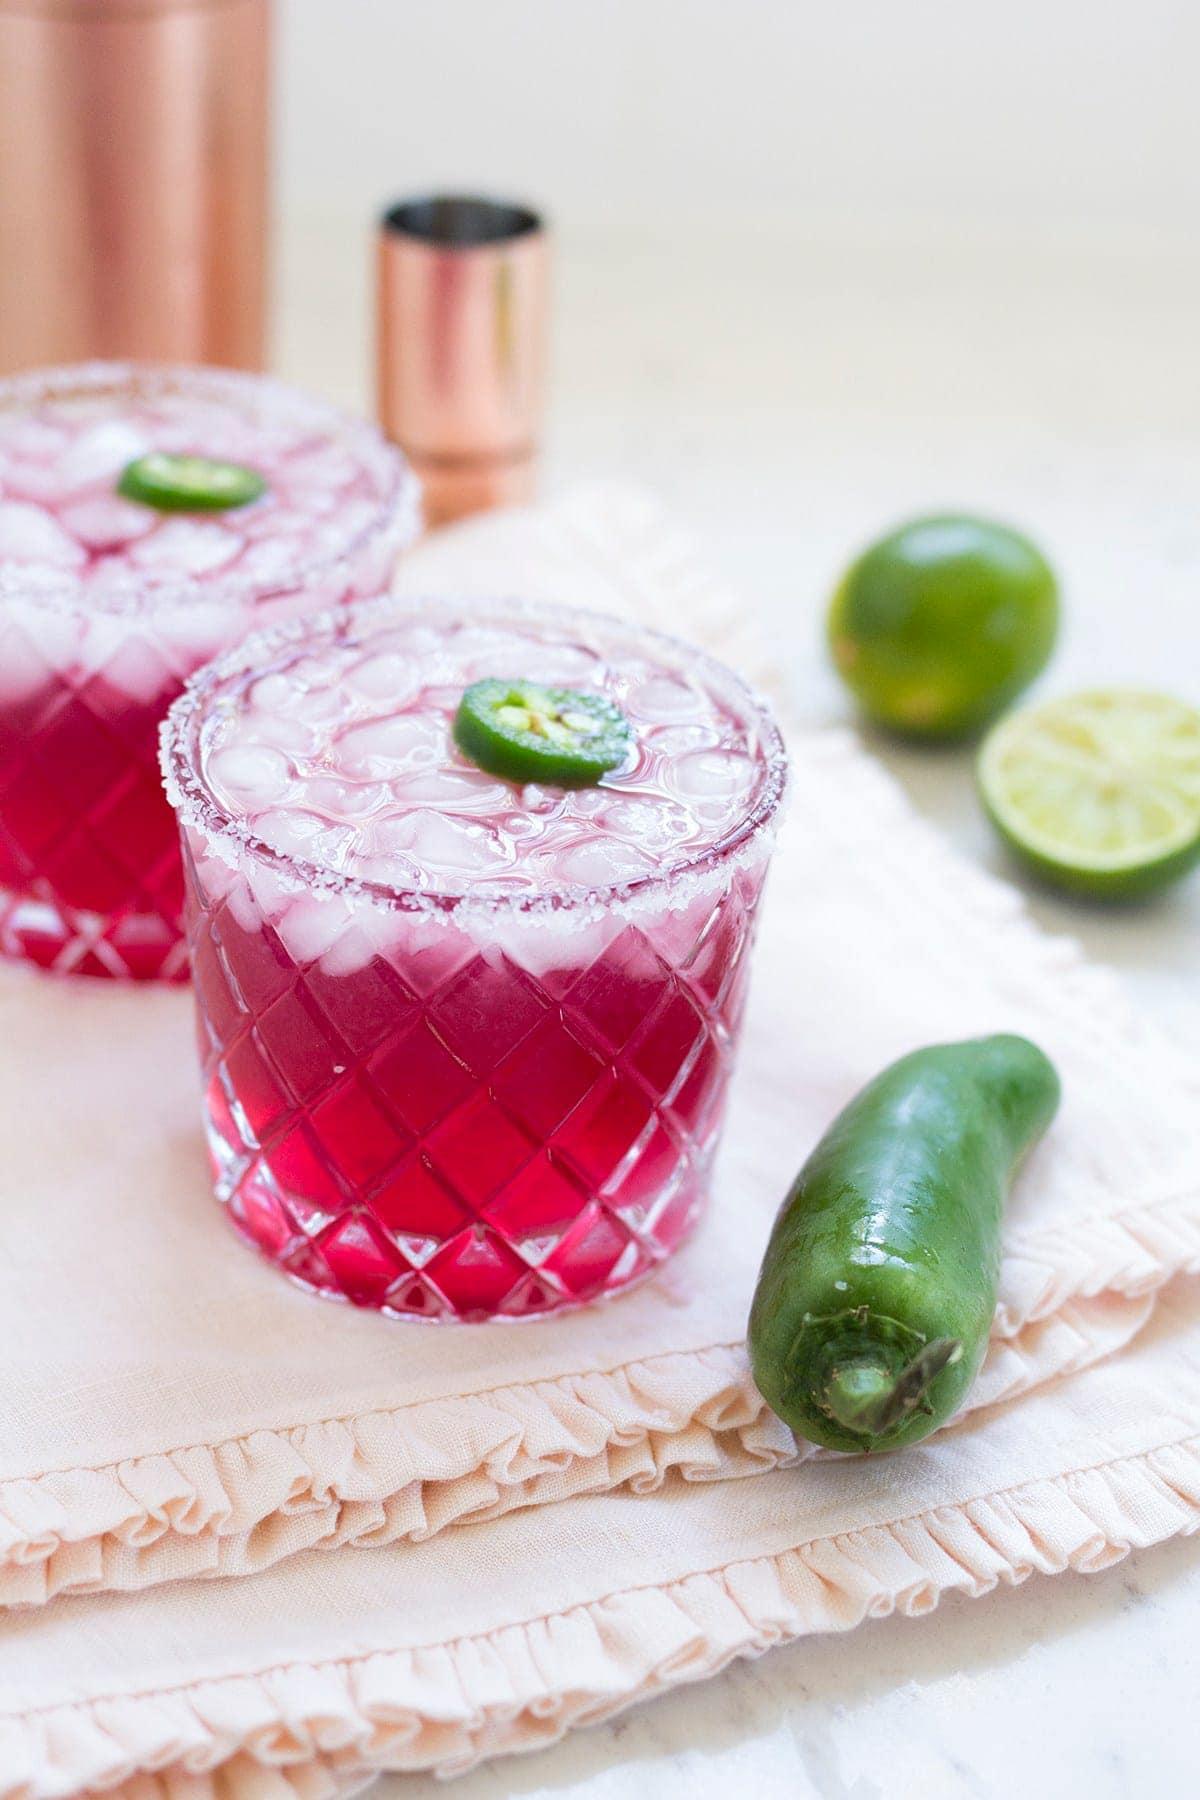 Recipe for Spicy Pomegranate Margaritas